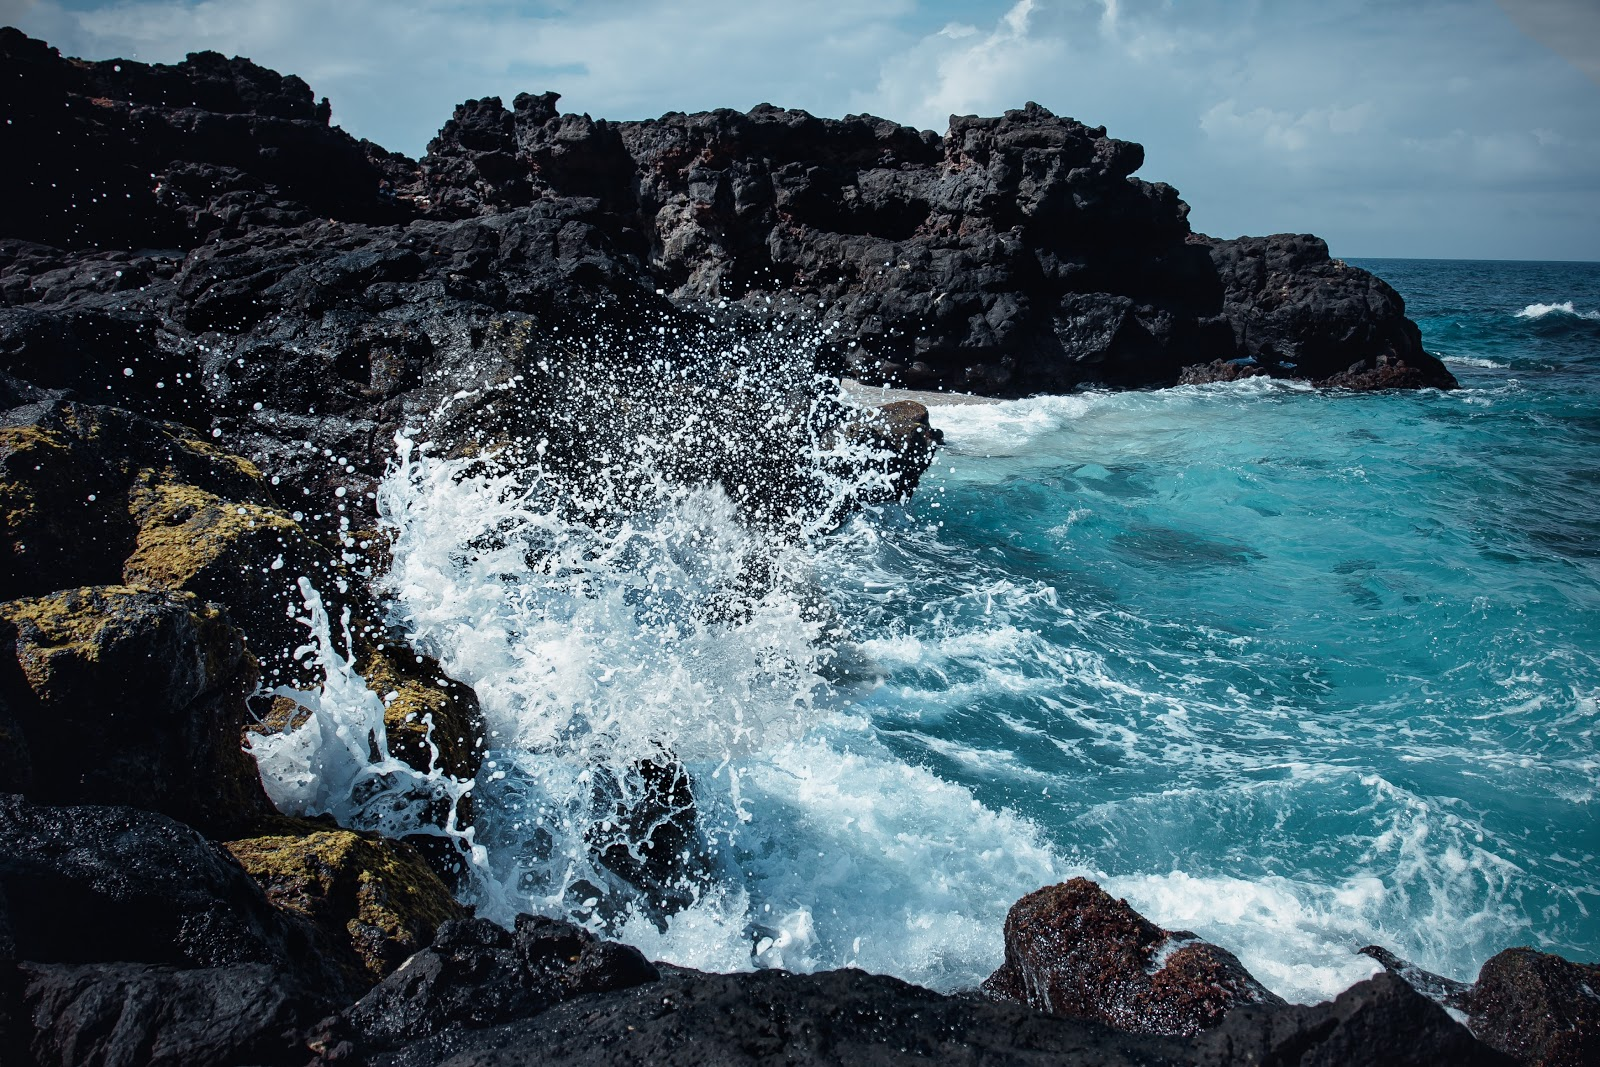 Ontspannen en ontstressen op vakantie - het geluid van de zee